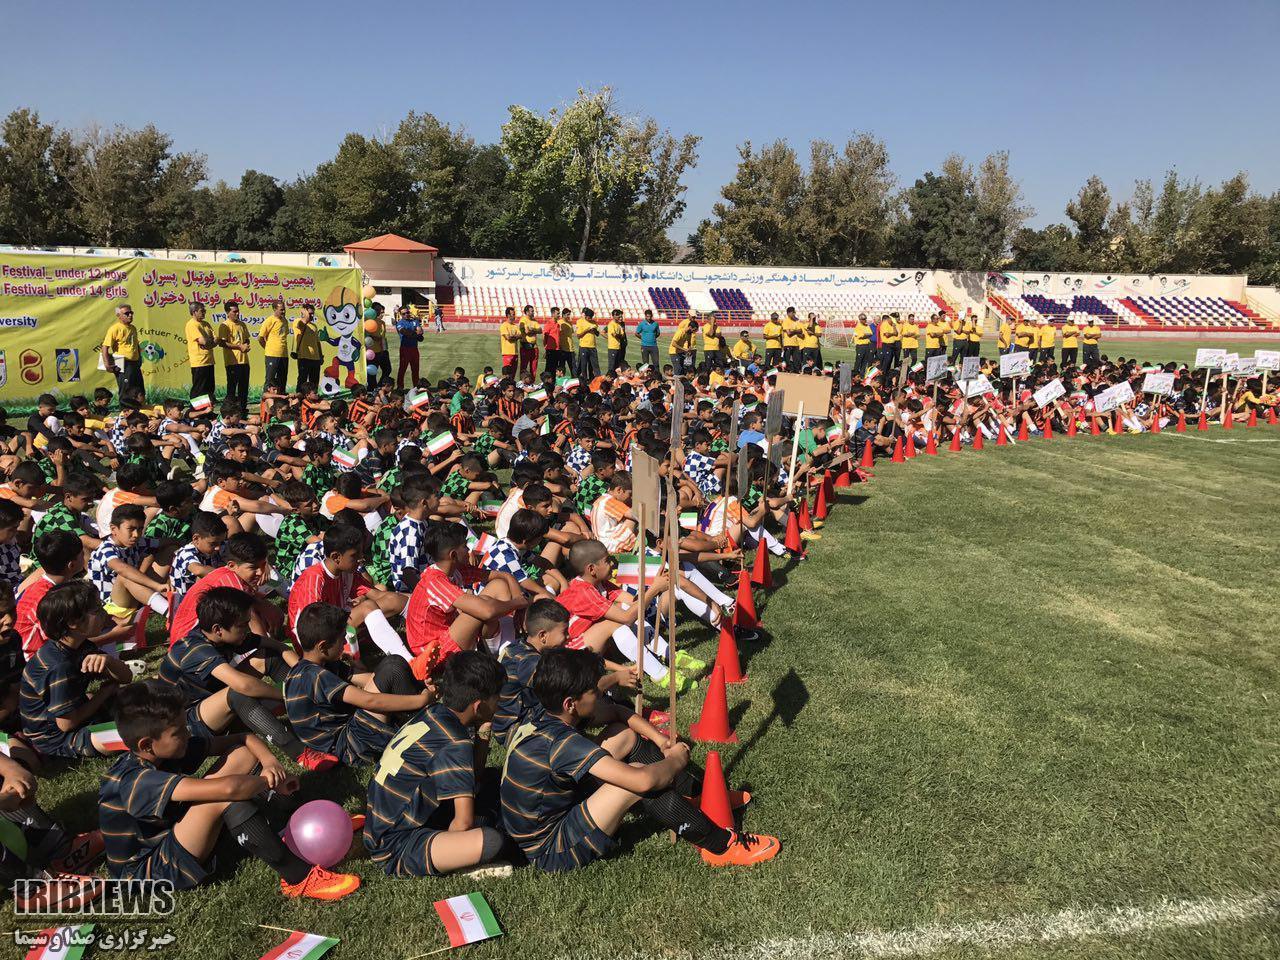 آعاز پنجمین دوره فستیوال ملی پسران در رشته فوتبال در مشهد